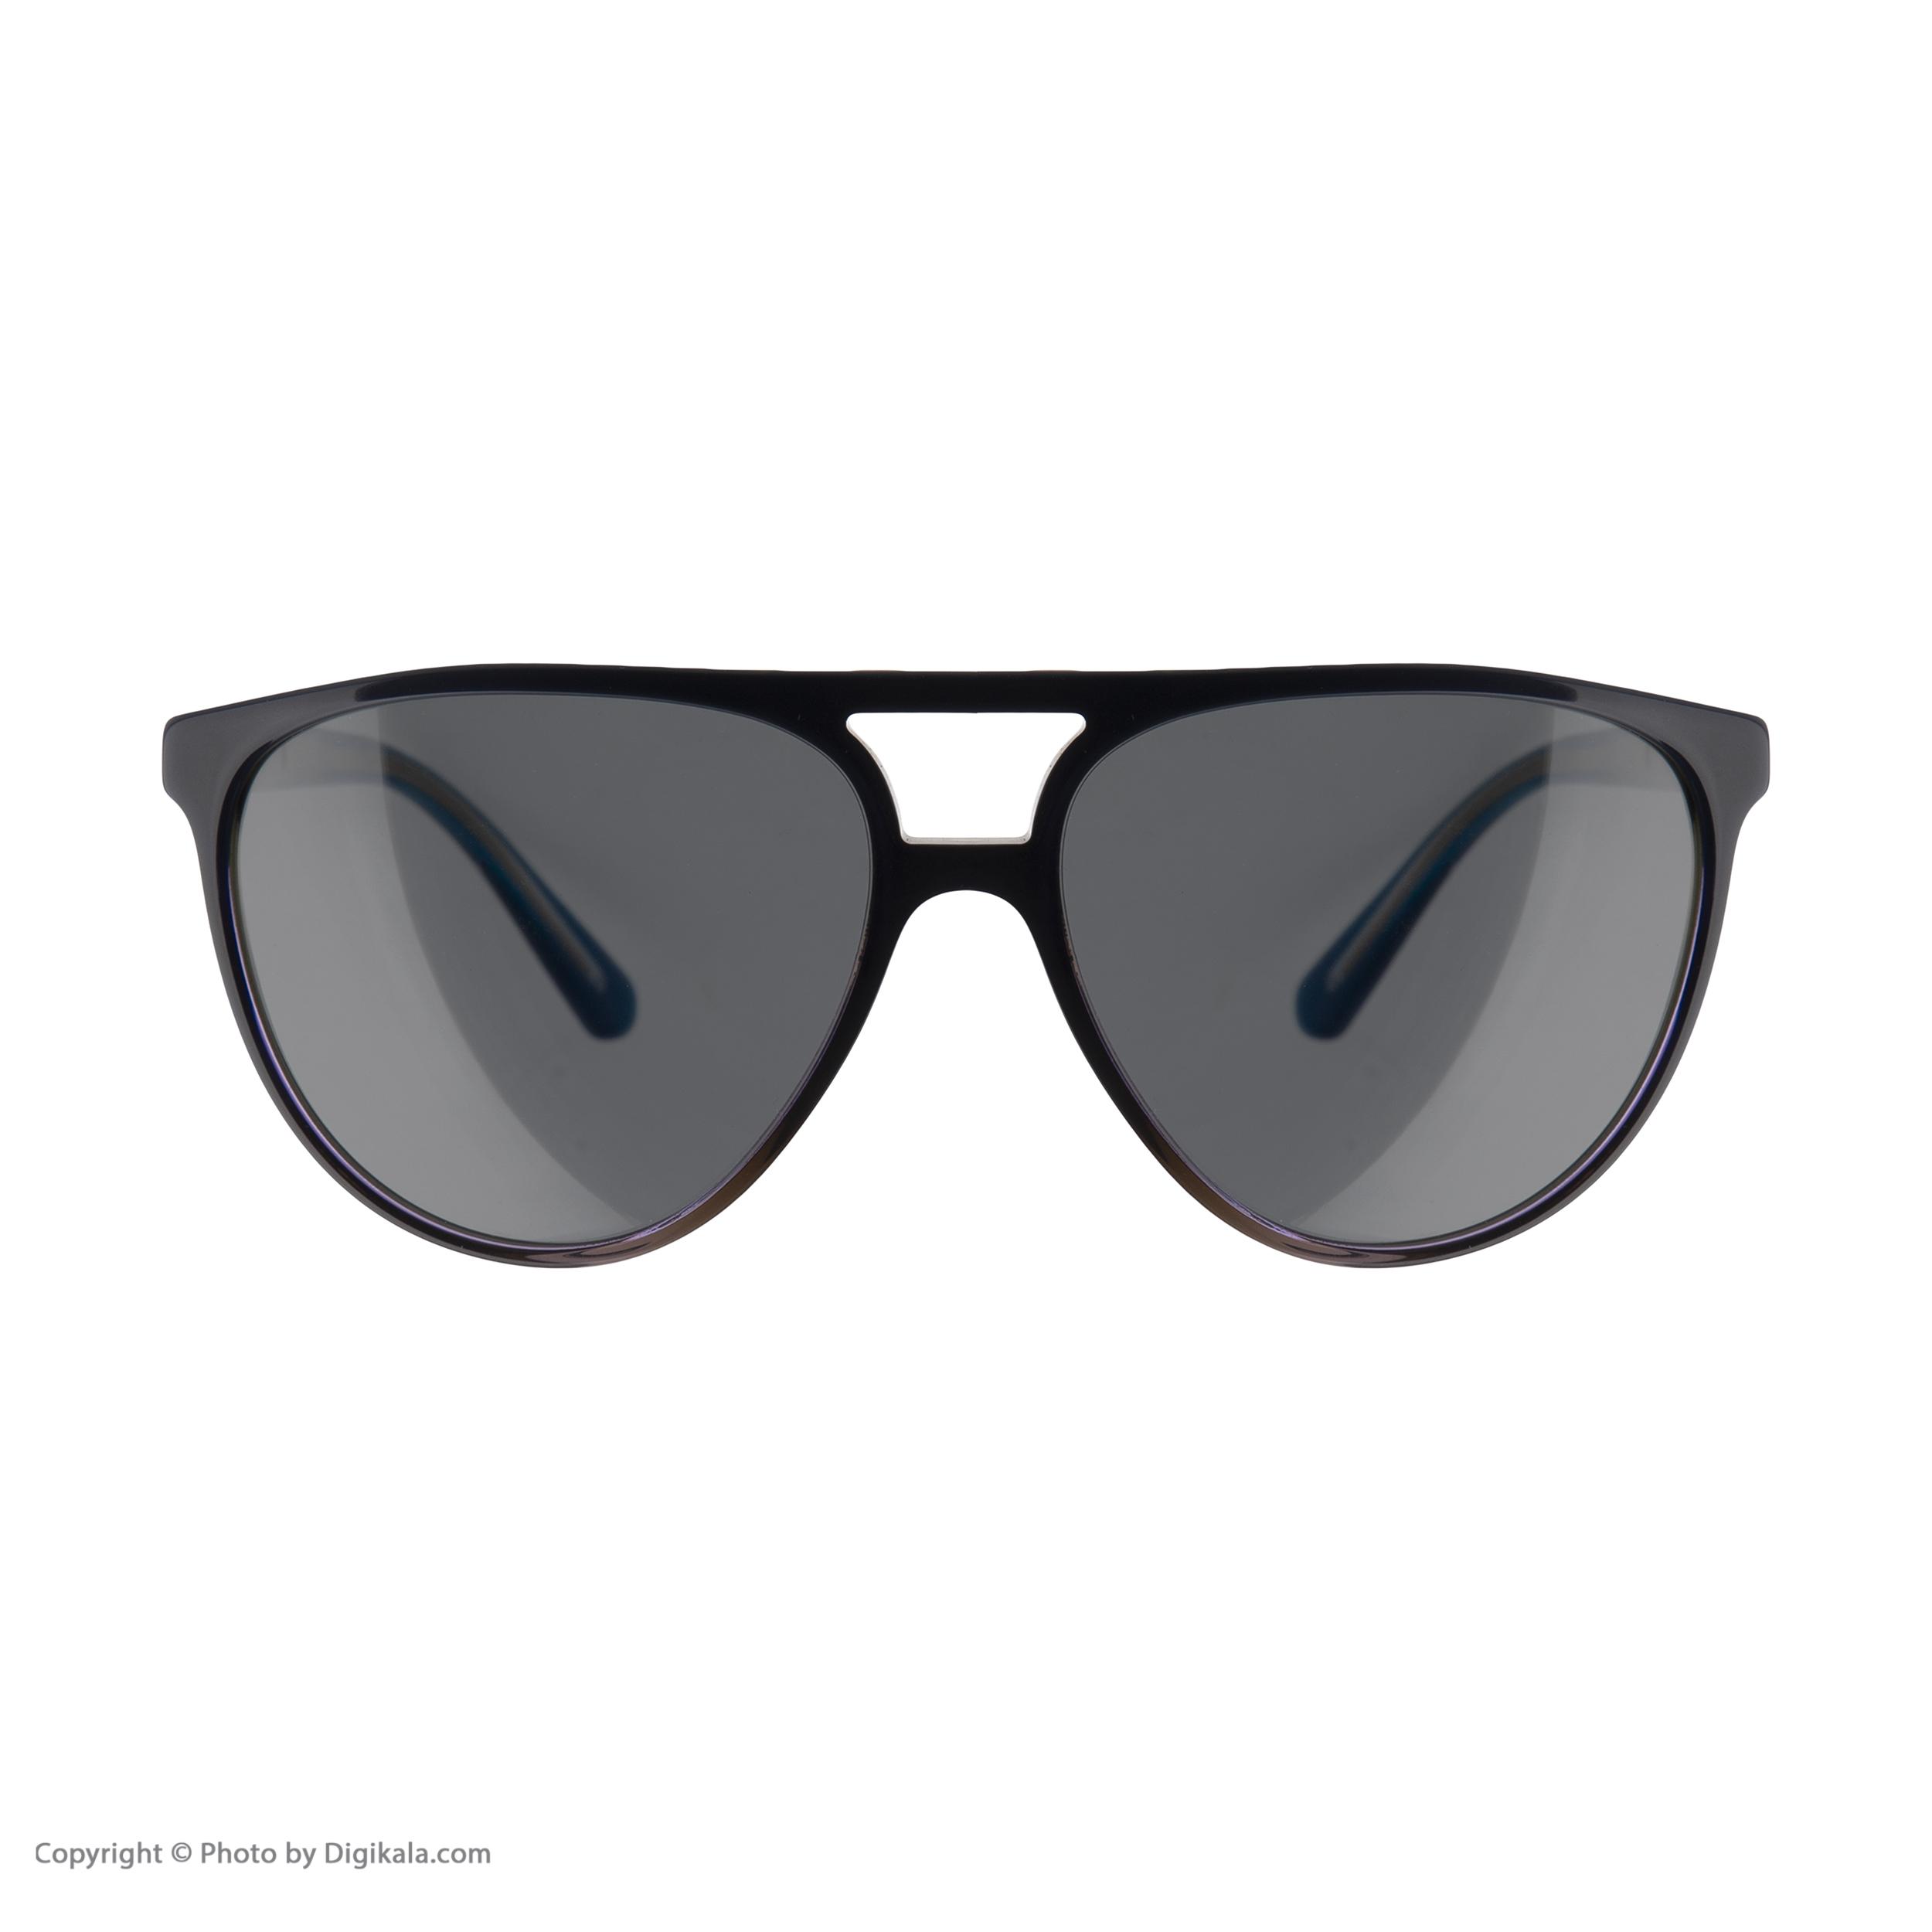 عینک آفتابی زنانه بربری مدل BE 4254S 366287 58 -  - 3